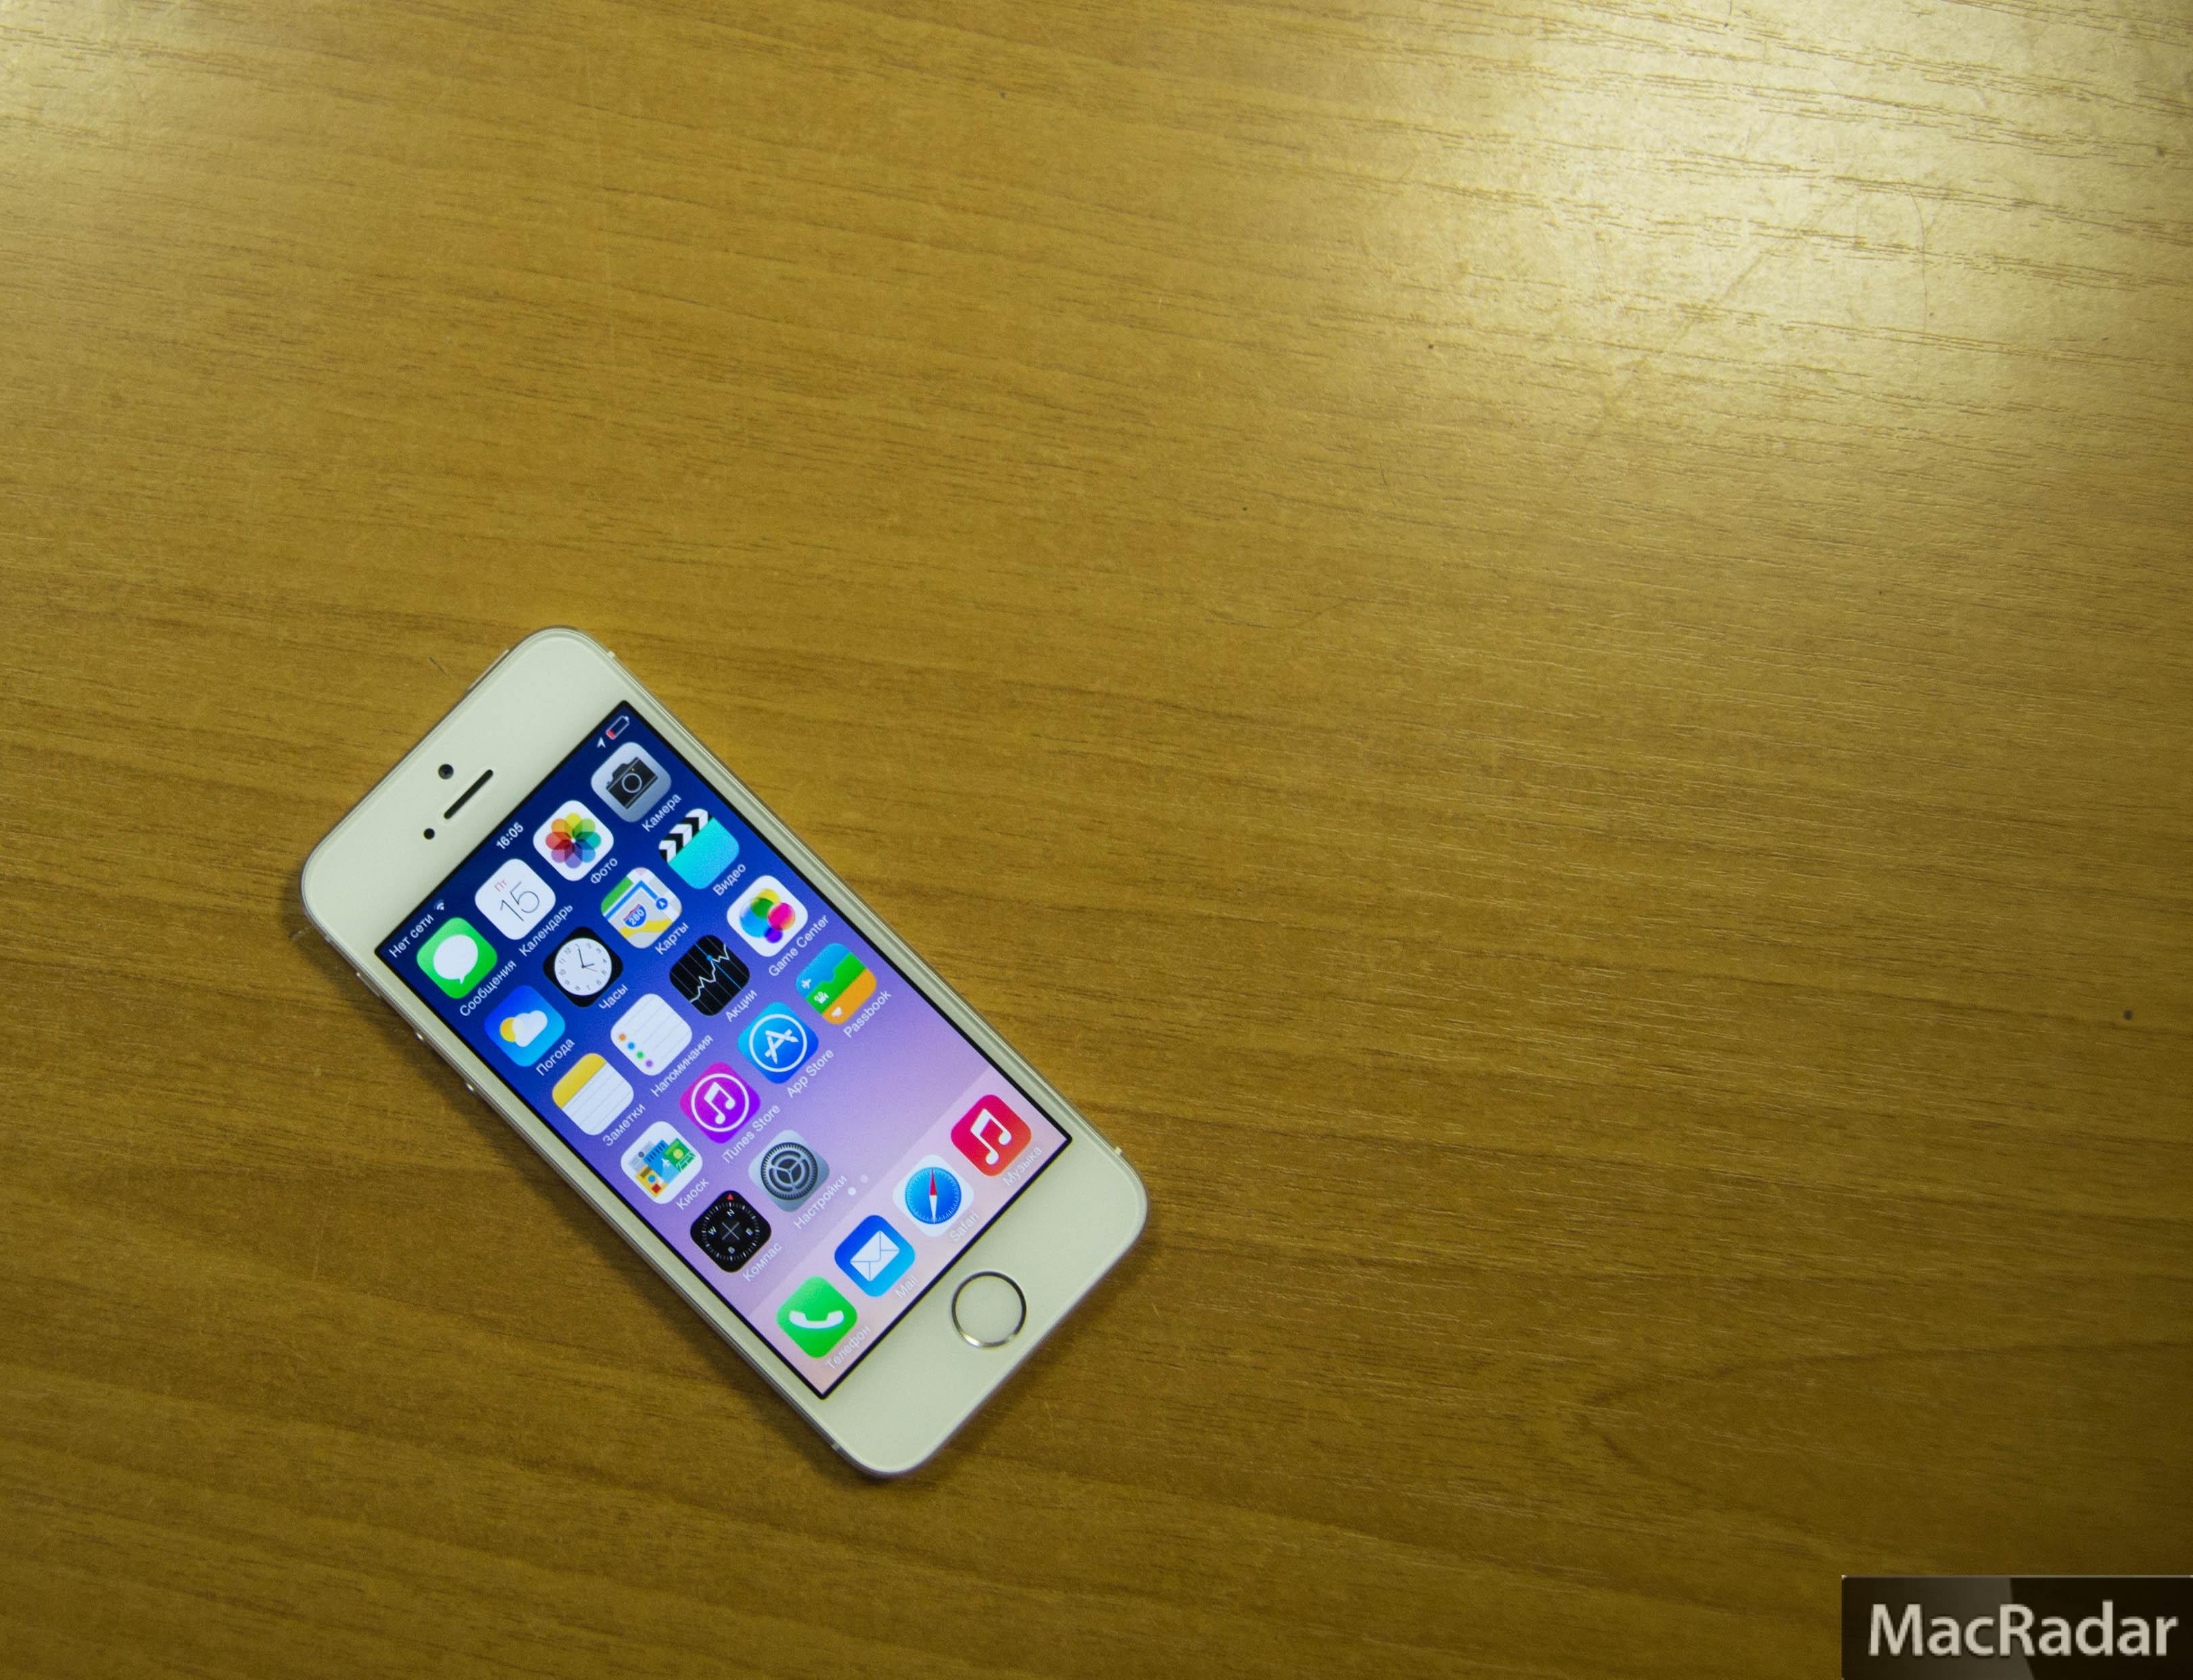 фото айфона золотого 5 s